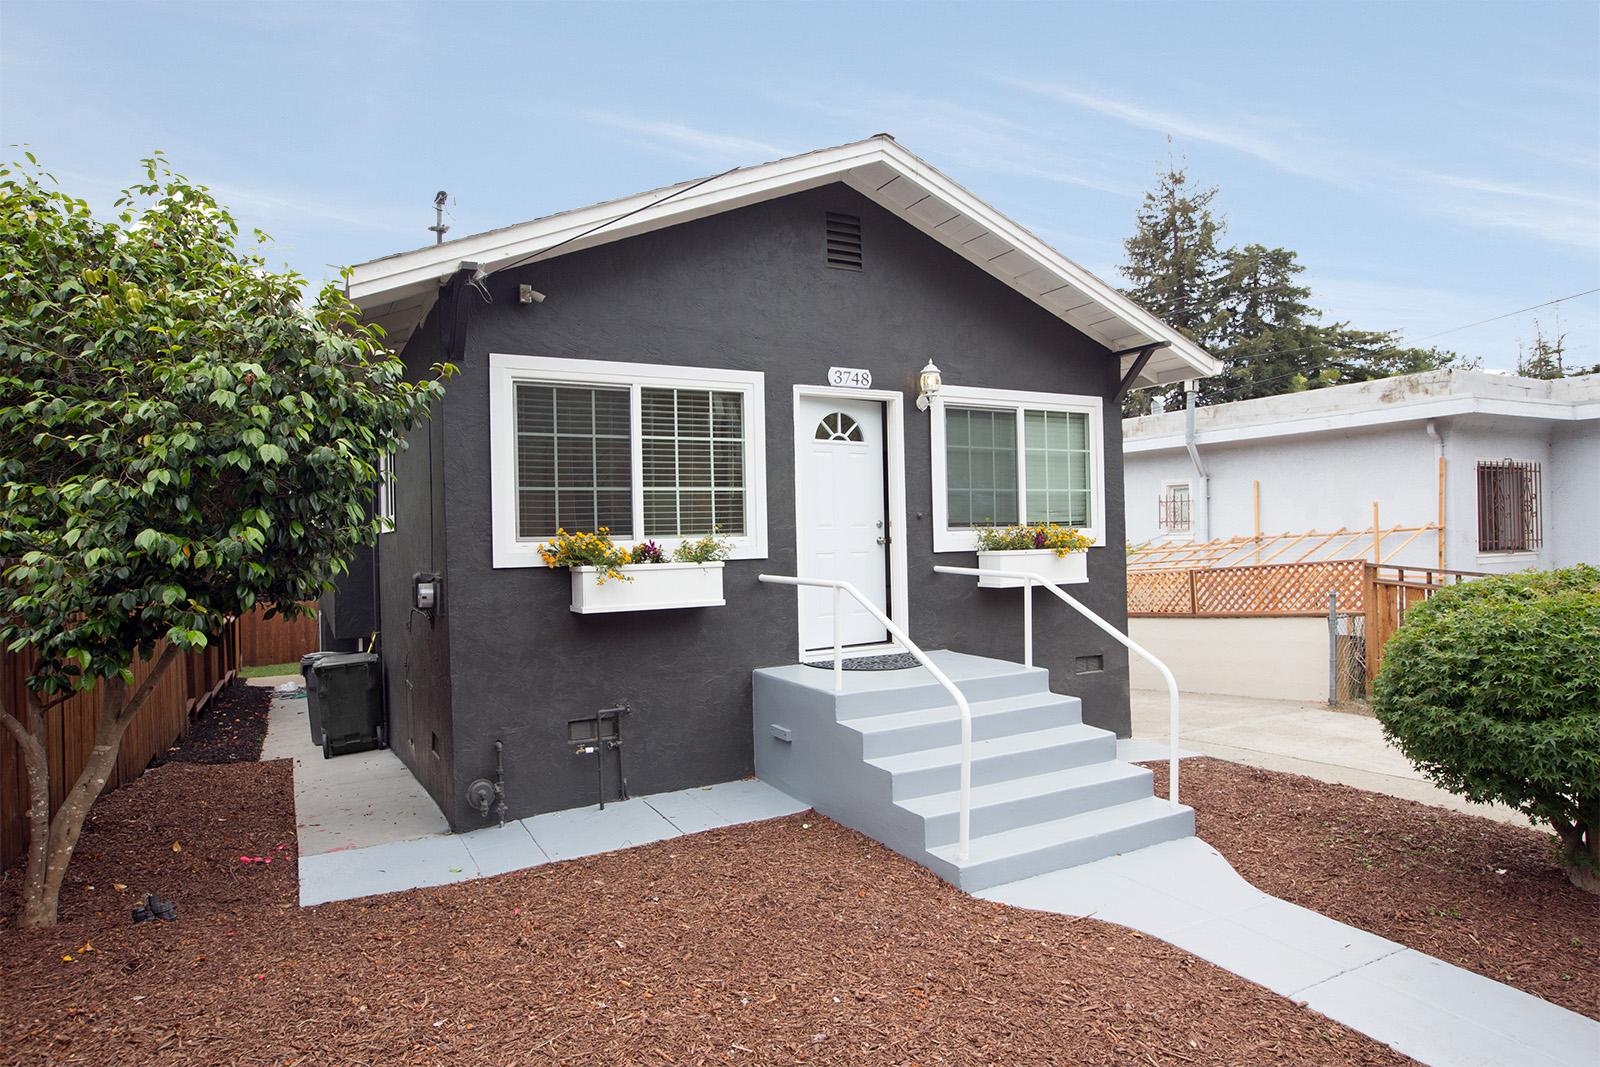 Oakland, CA 94602